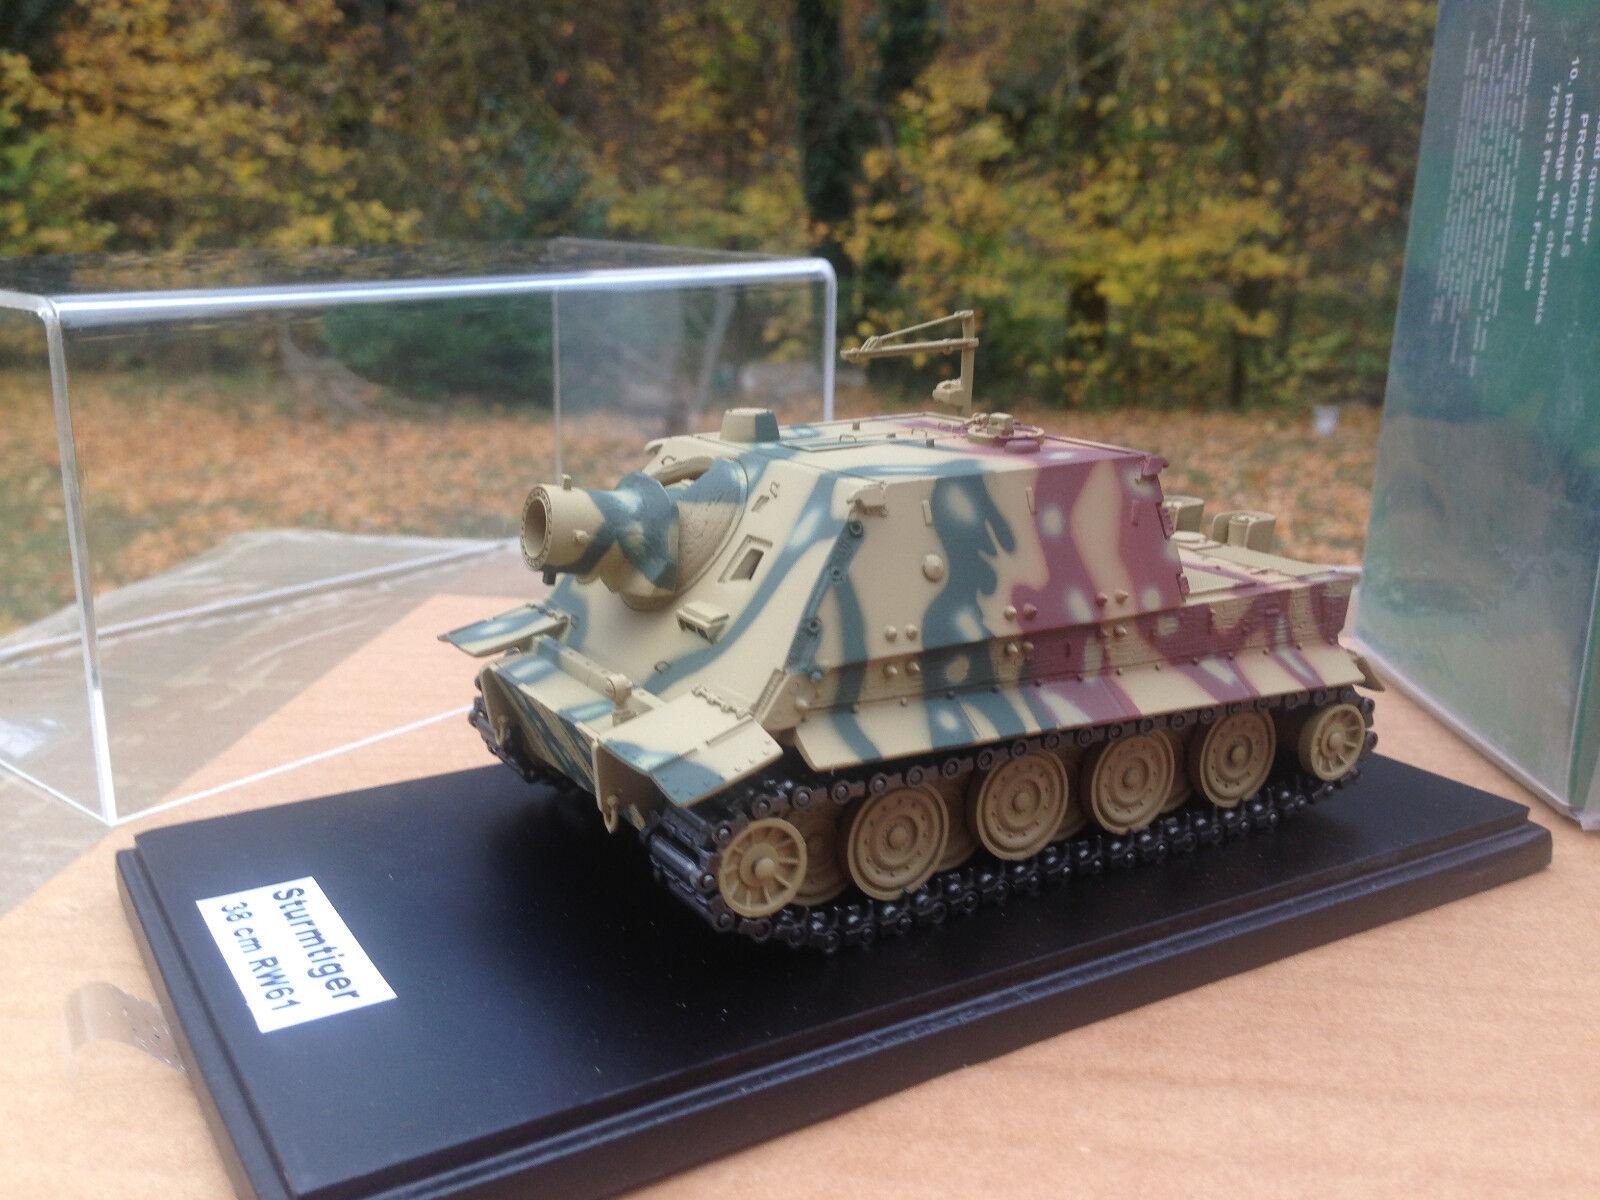 MASTER FIGHTER 1/48 CHAR ALLEMAND TANK STURMTIGER 38 cm RW61 1944  ref48547